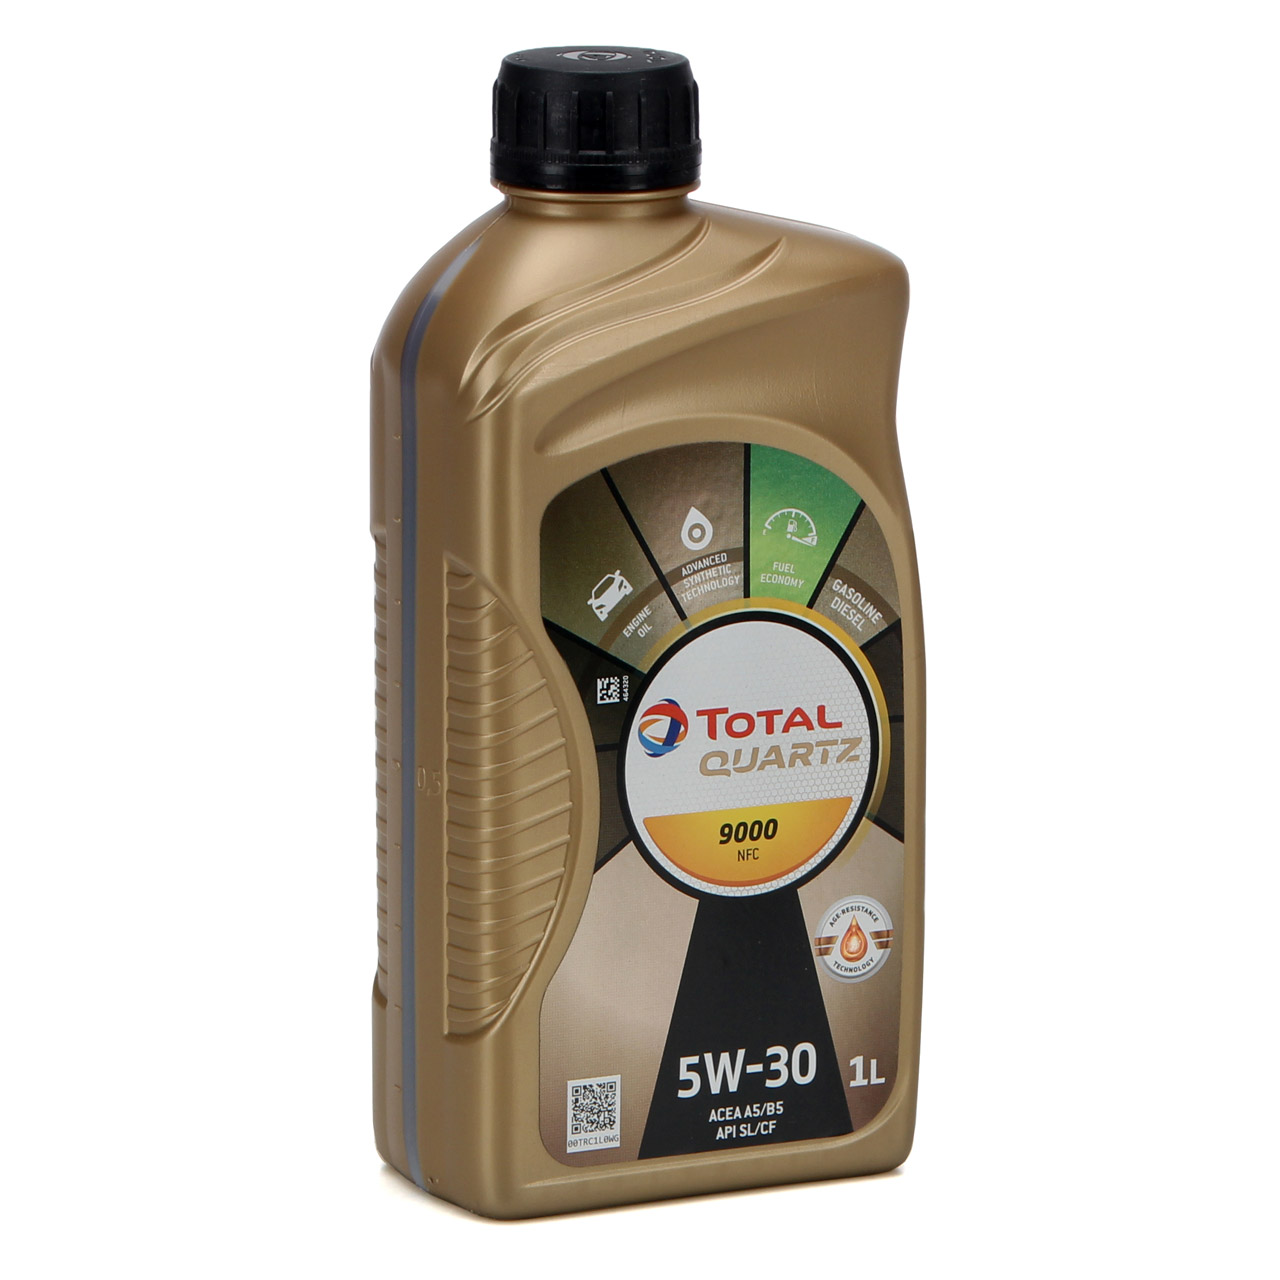 4L 4 Liter TOTAL Motoröl Öl QUARTZ 9000 NFC 5W-30 ACEA A5/B5 FORD WSS-M2C913-D